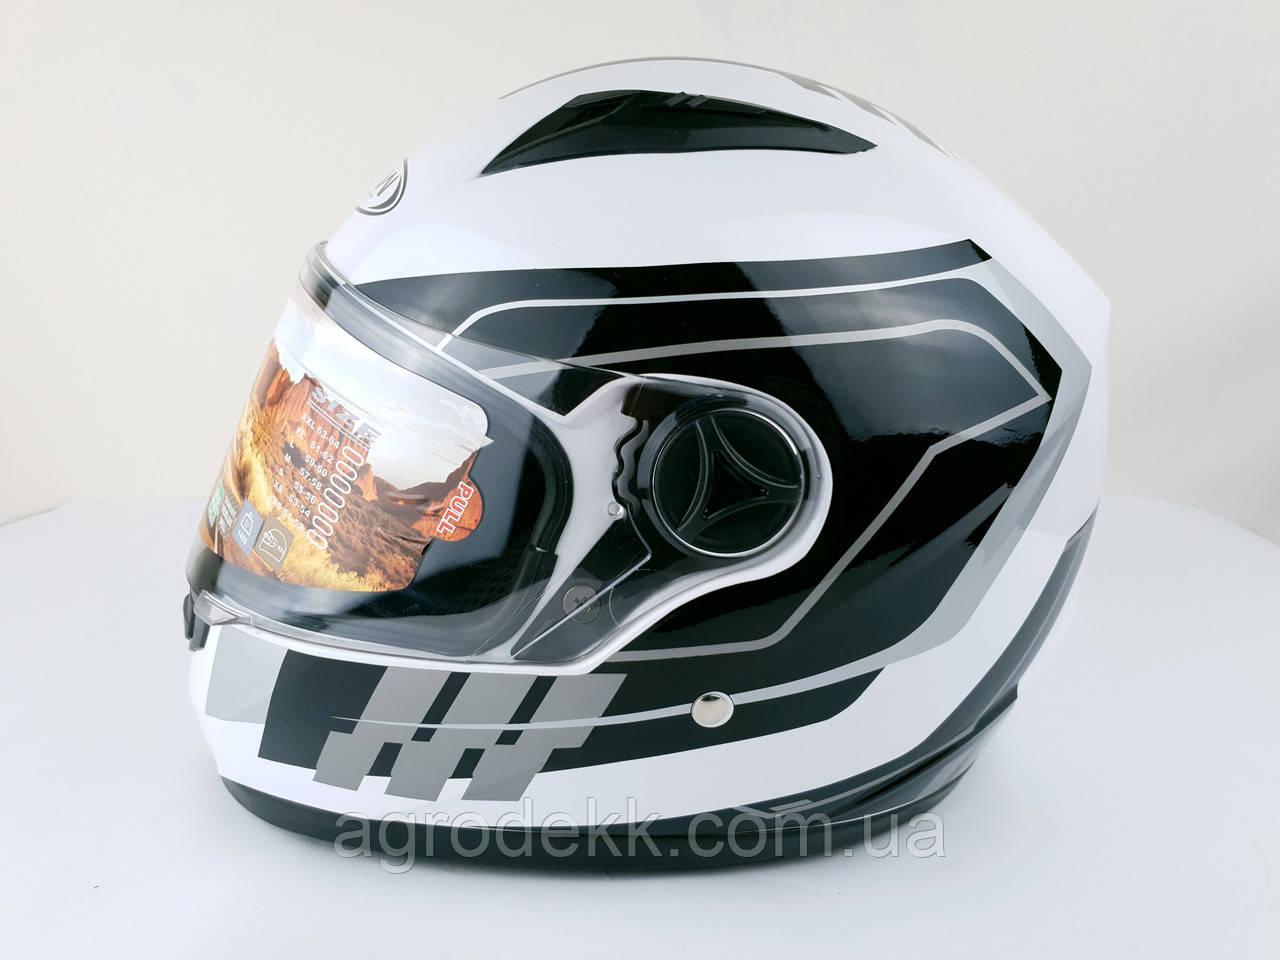 Шлем для мотоцикла Hel-Met 111 белый с полосой